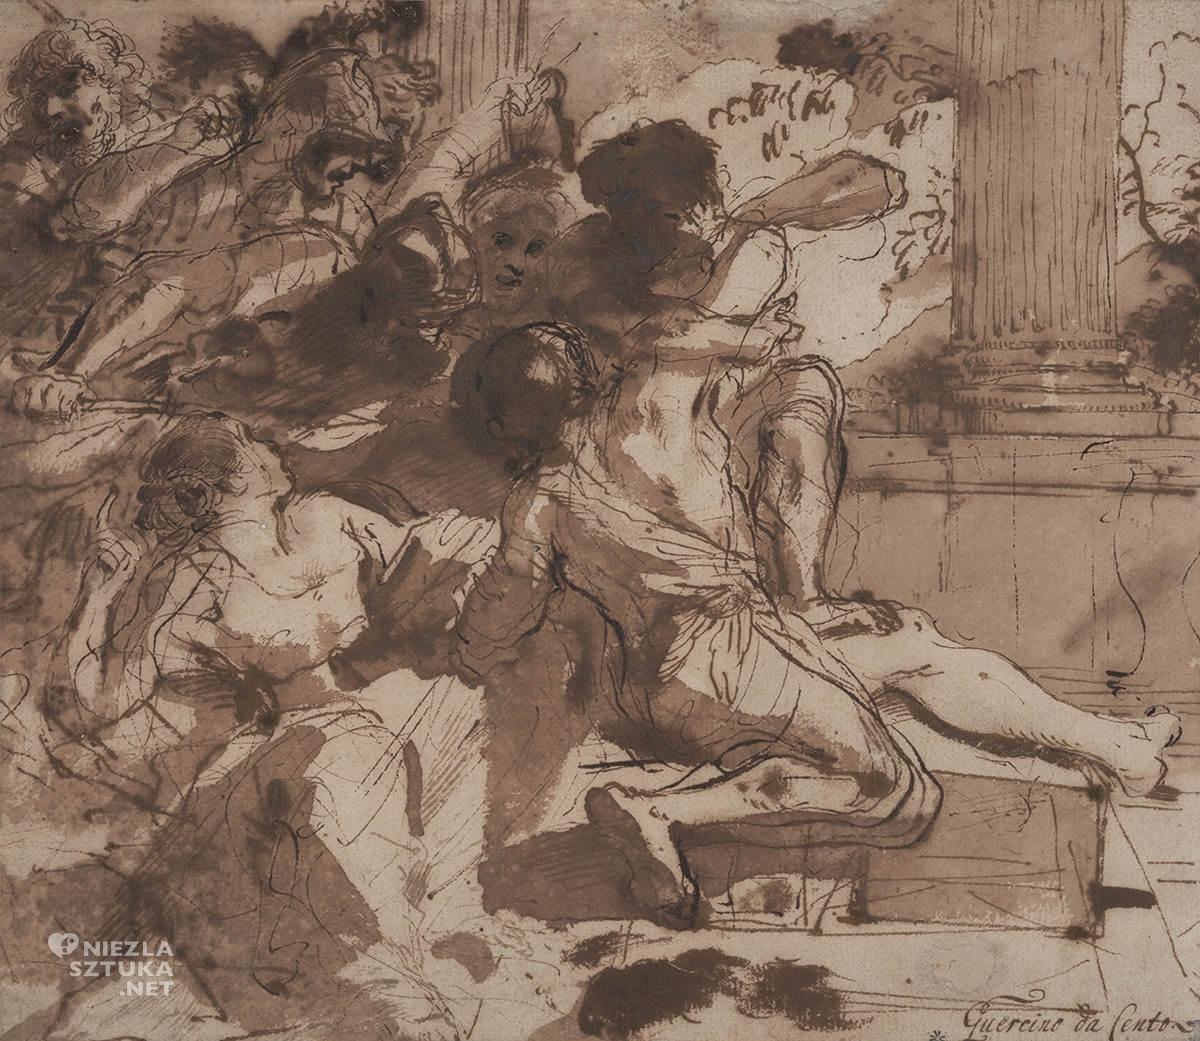 Guercino, Samson, Samson pojmany przez Filistynów, Giovanni Francesco Barbieri, sztuka włoska, malarstwo włoskie, barok, niezła sztuka